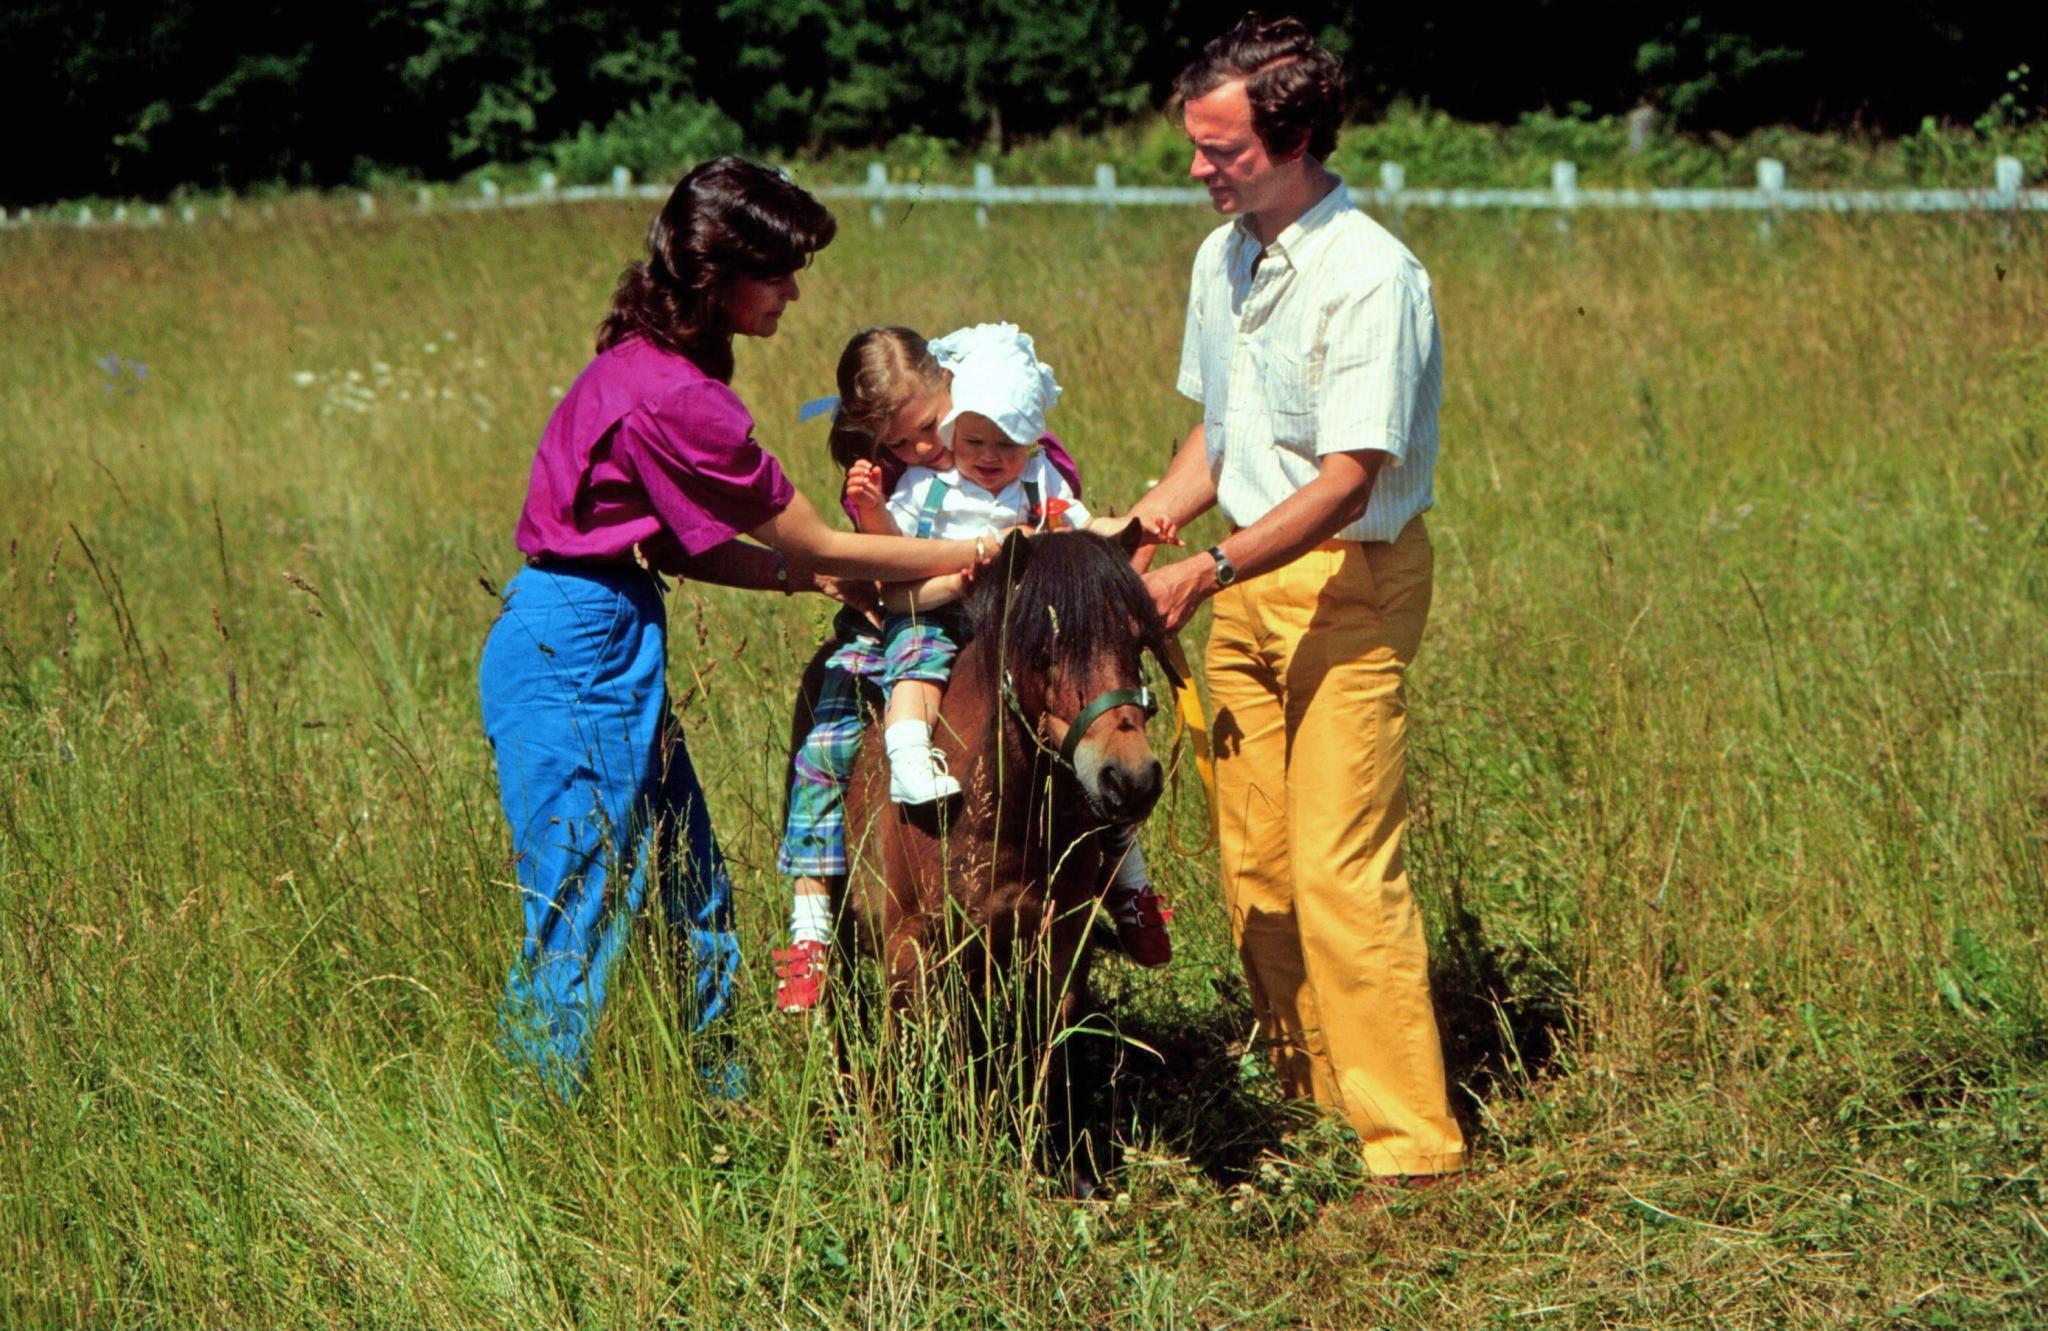 Die Begeisterung für Pferde und Reitsport liegt in der Familie: 1983 unternehmen Prinzessin Victoria, damals sechs Jahre alt, und ihre einjährige Schwester Madeleine mit Hilfe ihrer Eltern einen gemeinsamen Ritt.